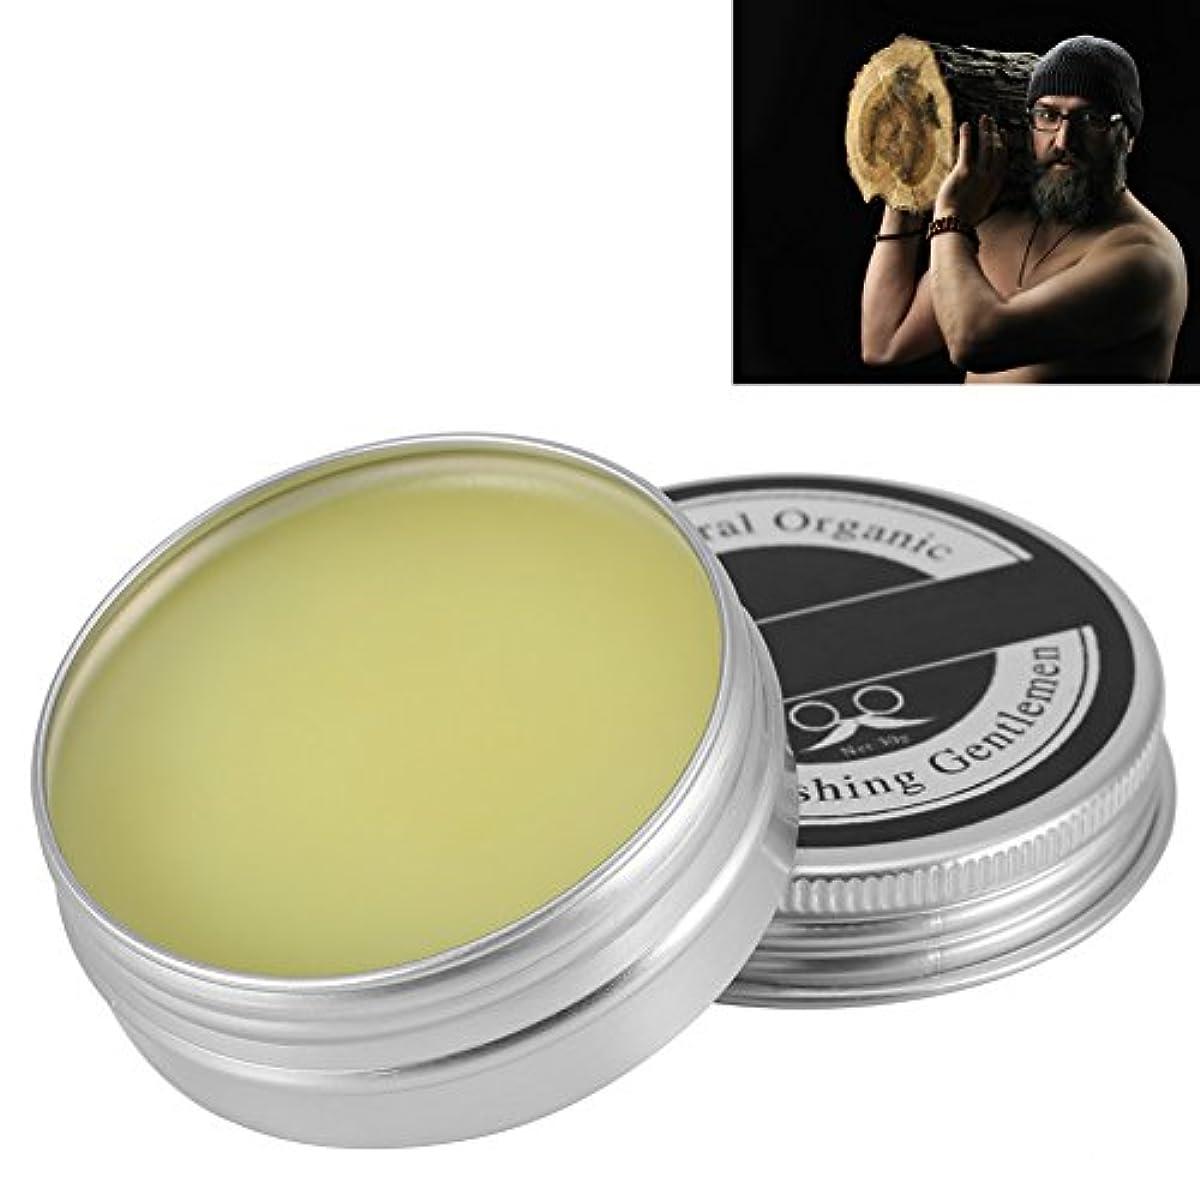 砂のまたオークランドメンズひげワックス  ひげクリーム 口髭用ワックス  保湿/滋養/ひげ根のケアなどの効果  ひげケア必需品 携帯便利